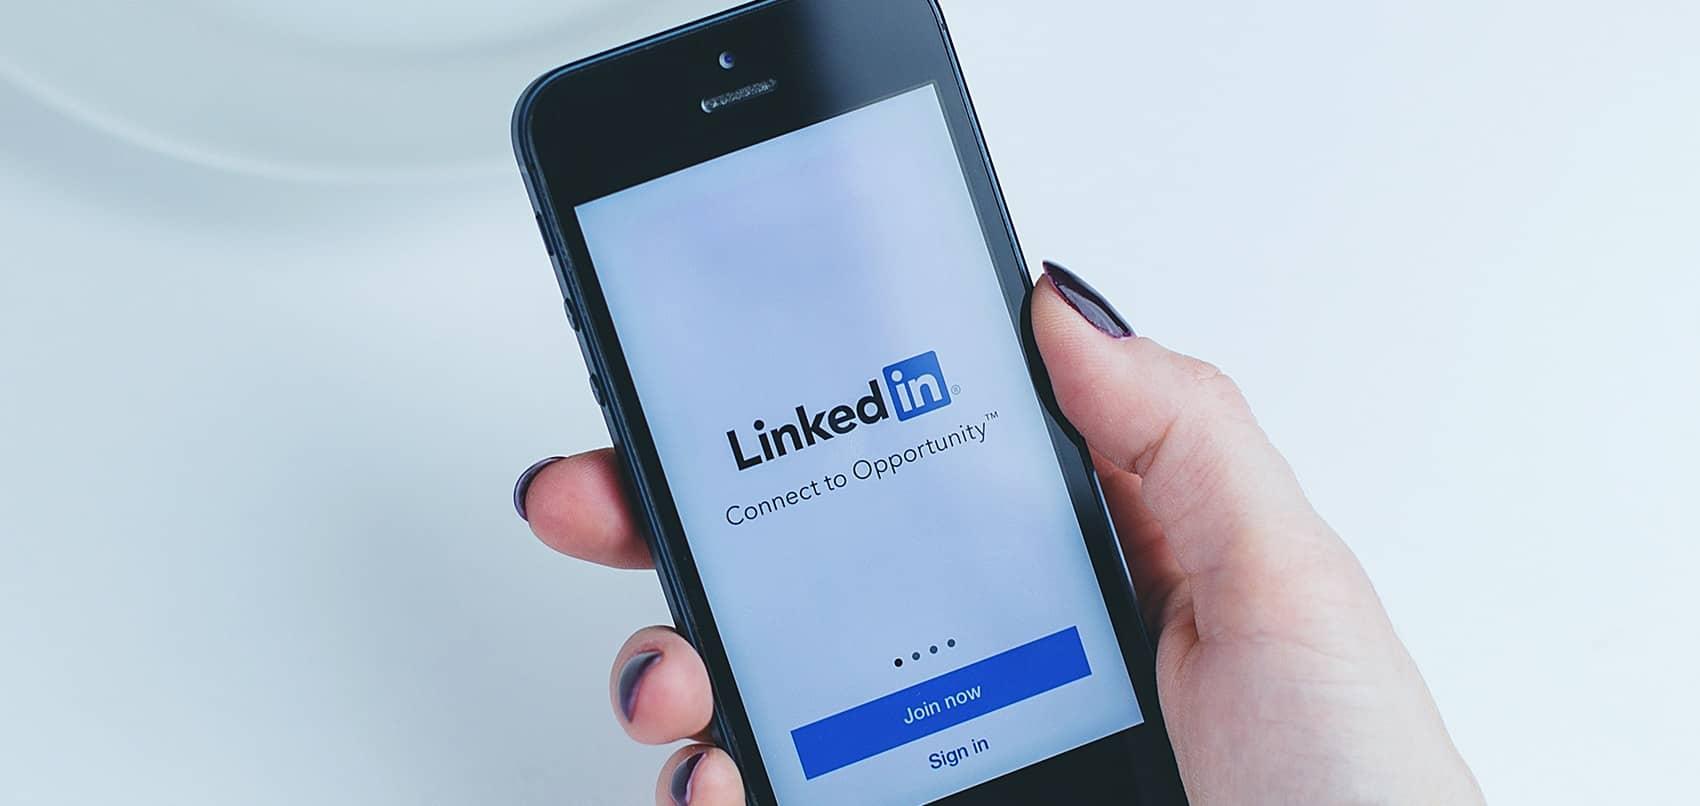 LinkedIn On Smartphone